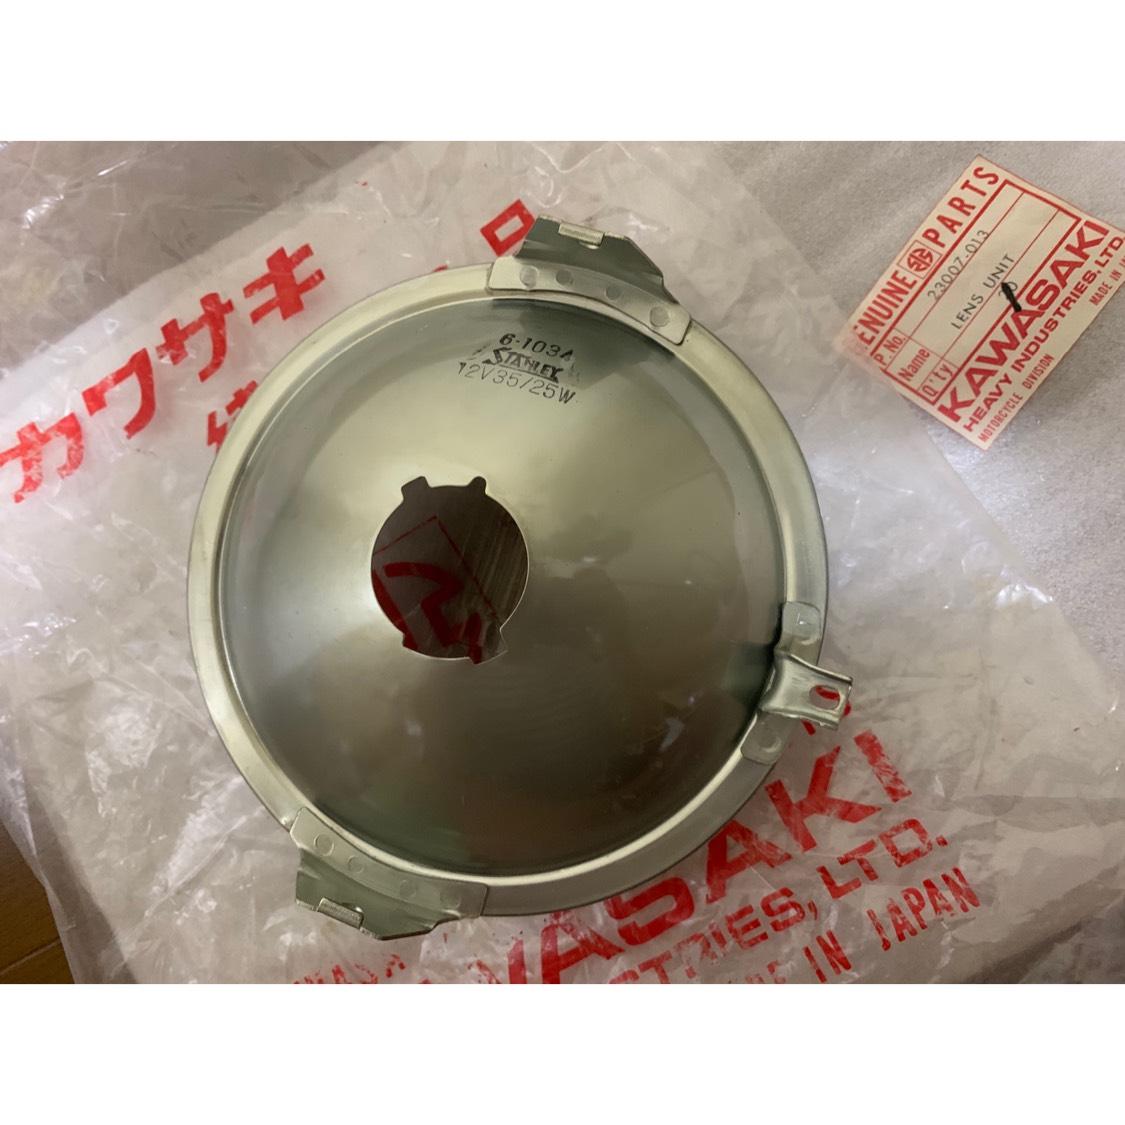 新品未使用純正当時物!500SS H1B ヘッドライト レンズ 23007-013 マッハ/H1/H1A